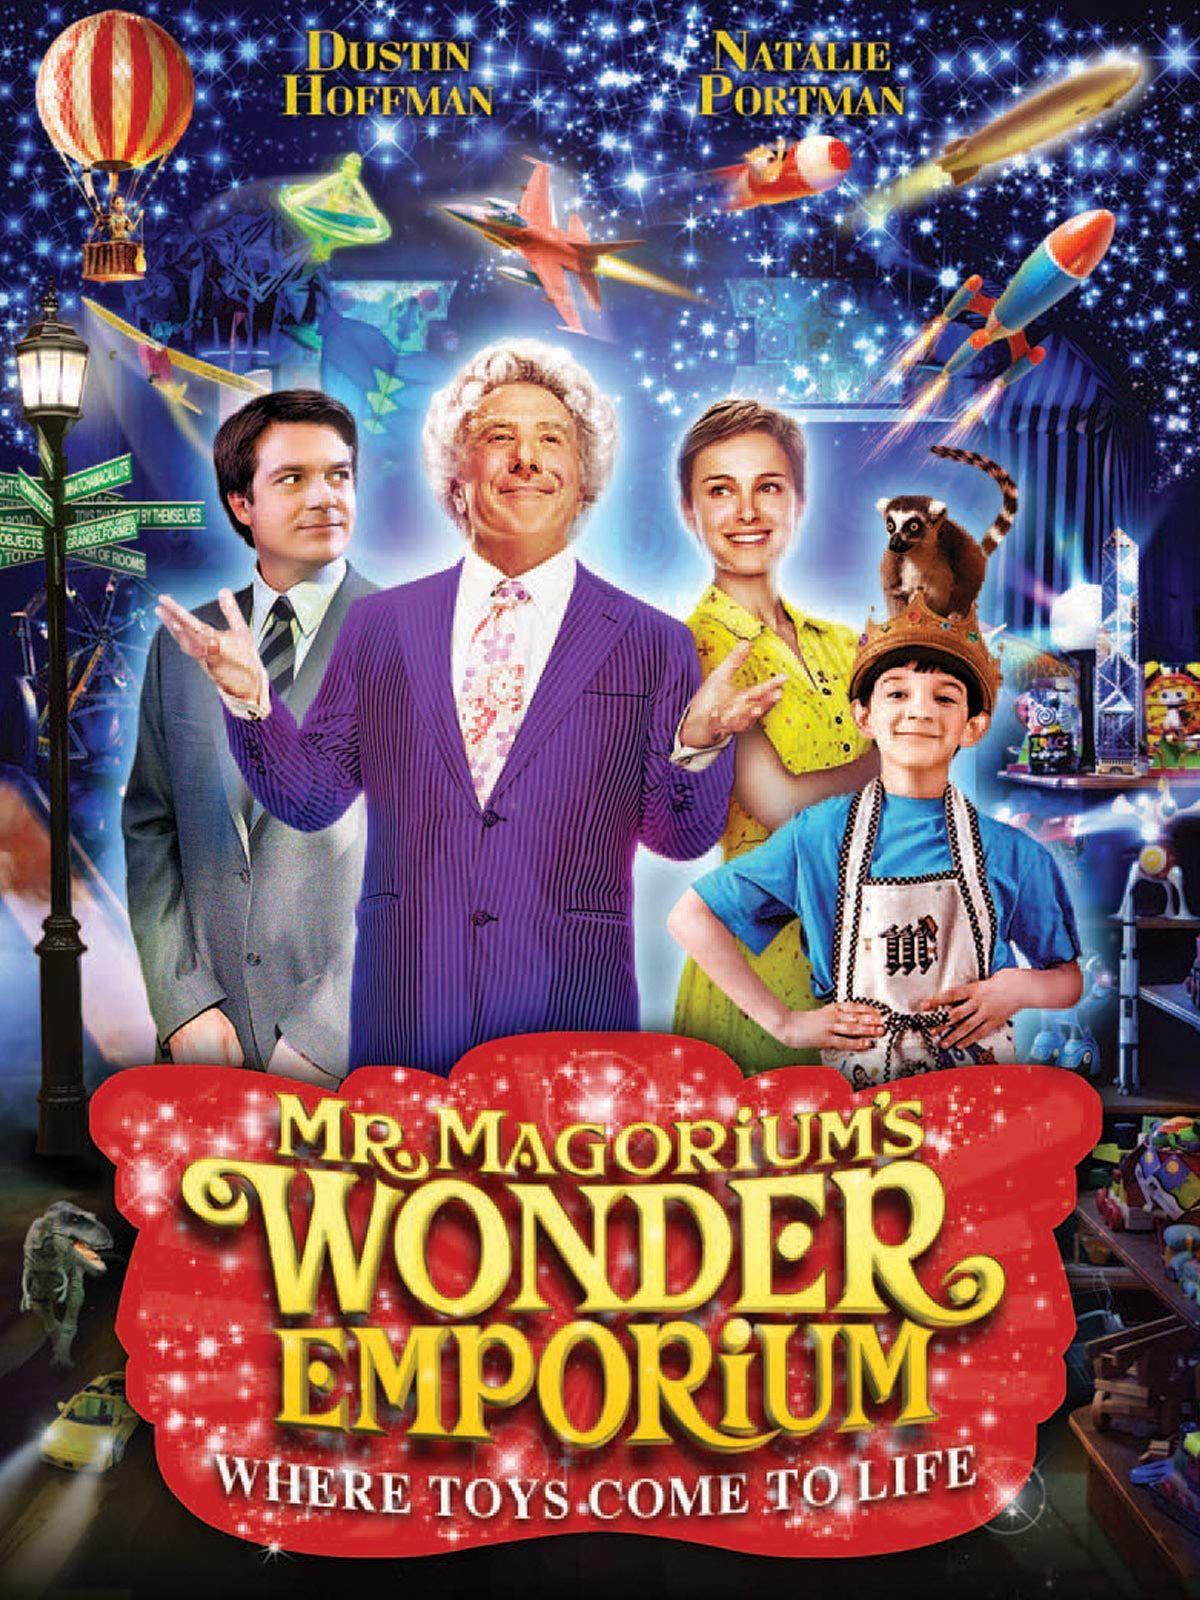 Mr. Magorium's Wonder Emporium 99p at Amazon Prime Video